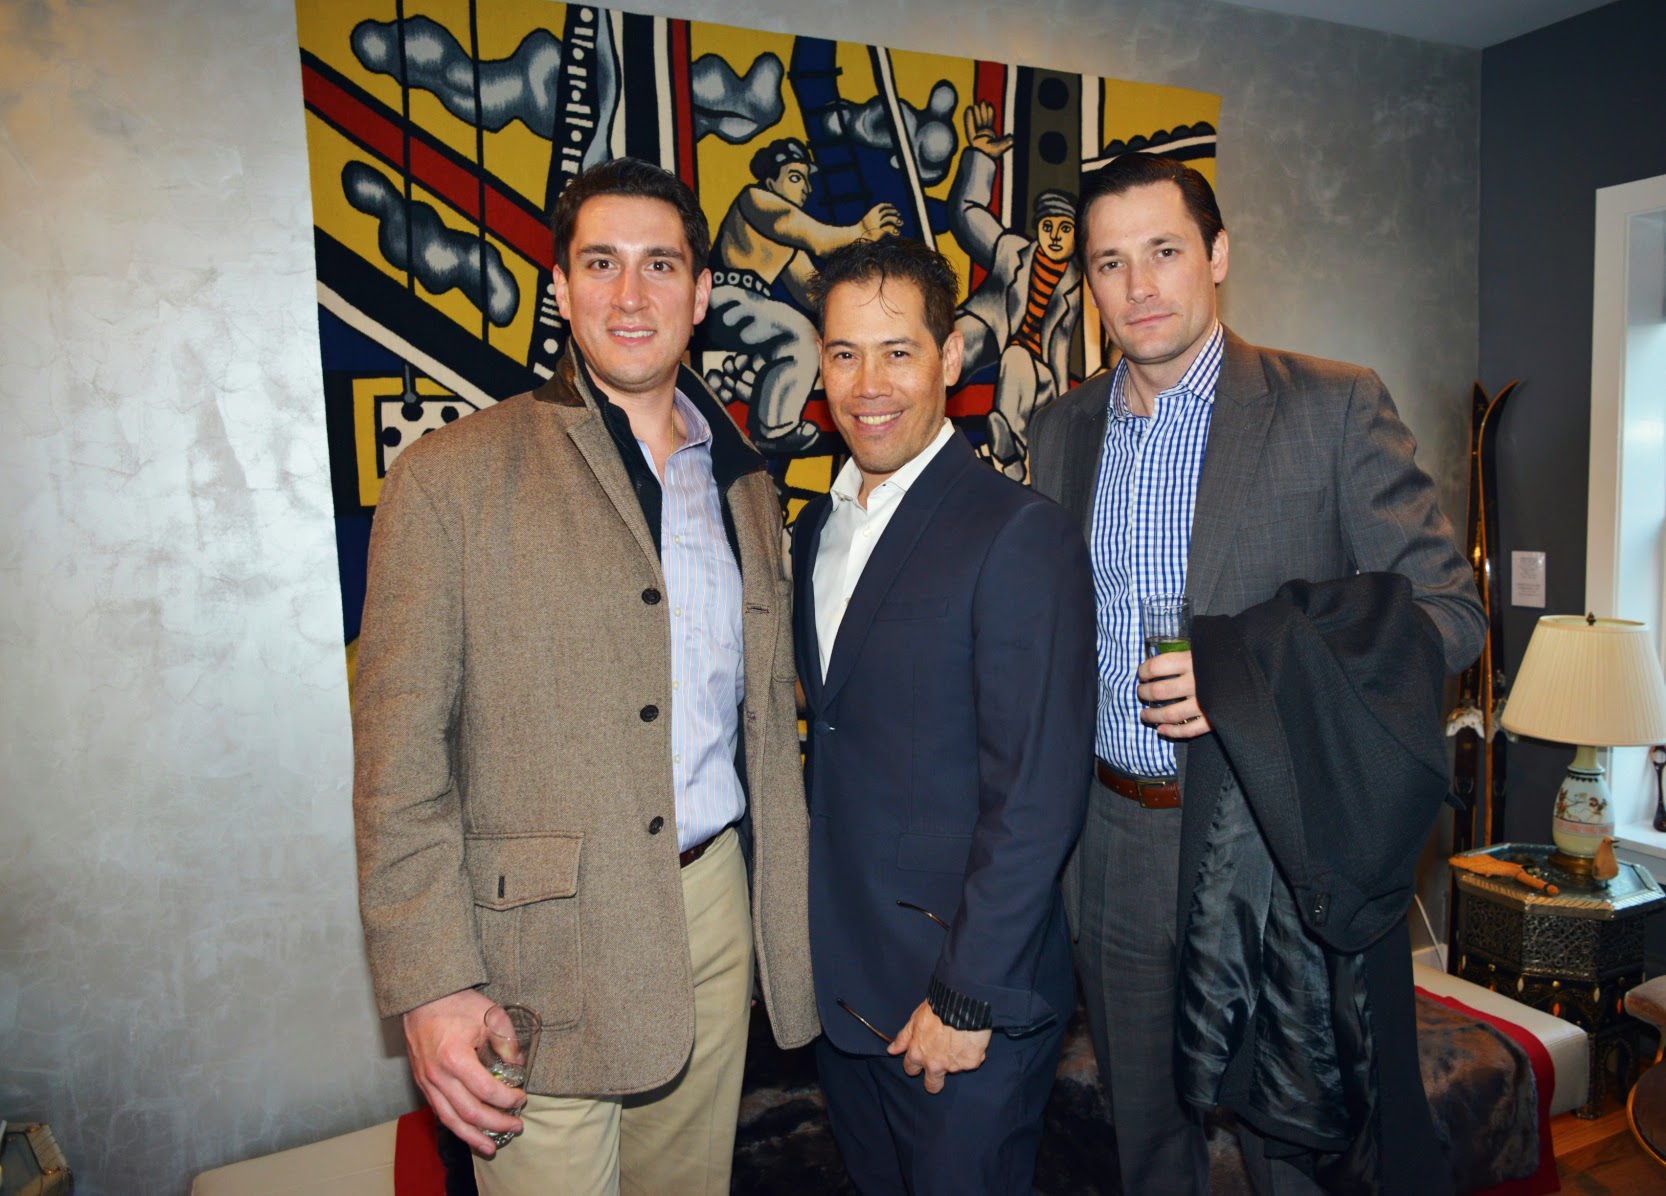 Justin Opalenski, Inson Dubois Wood, Brendan Carney with Interior design by Inson Dubois Wood LLC.